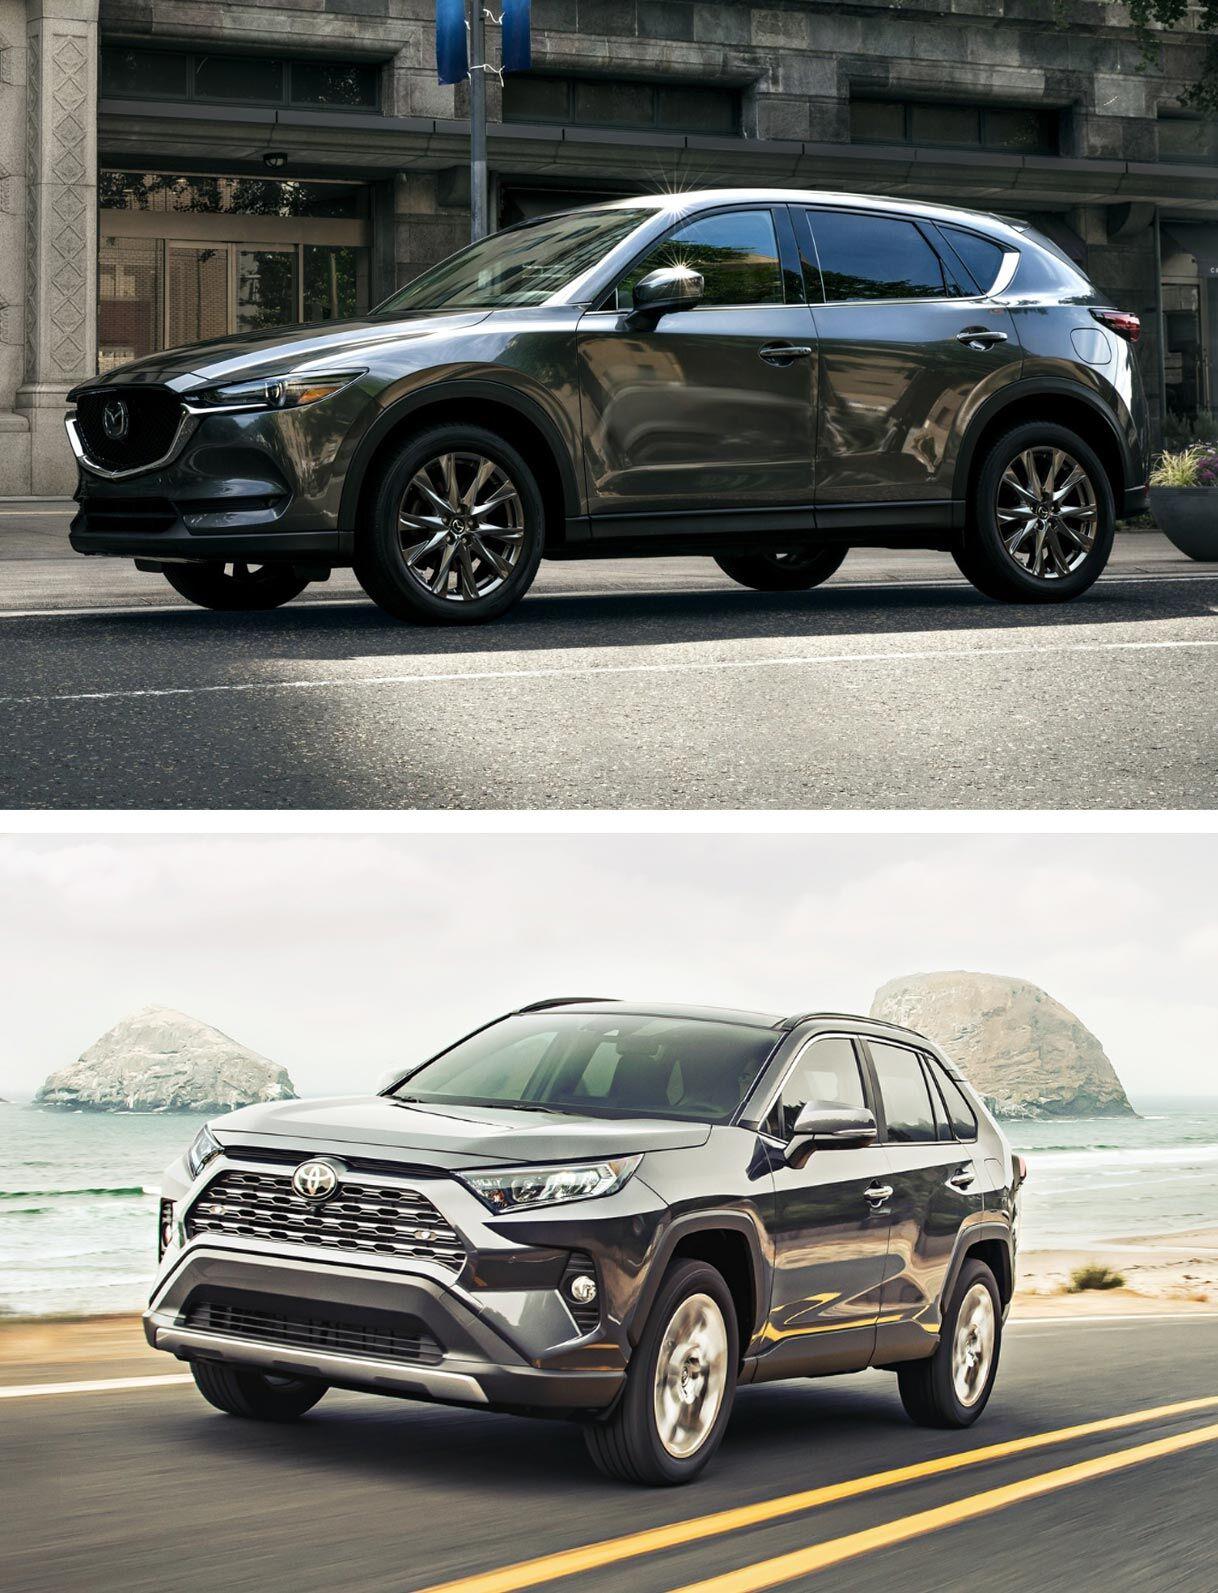 2019 Mazda CX-5 Signature vs. 2019 Toyota RAV4 Limited